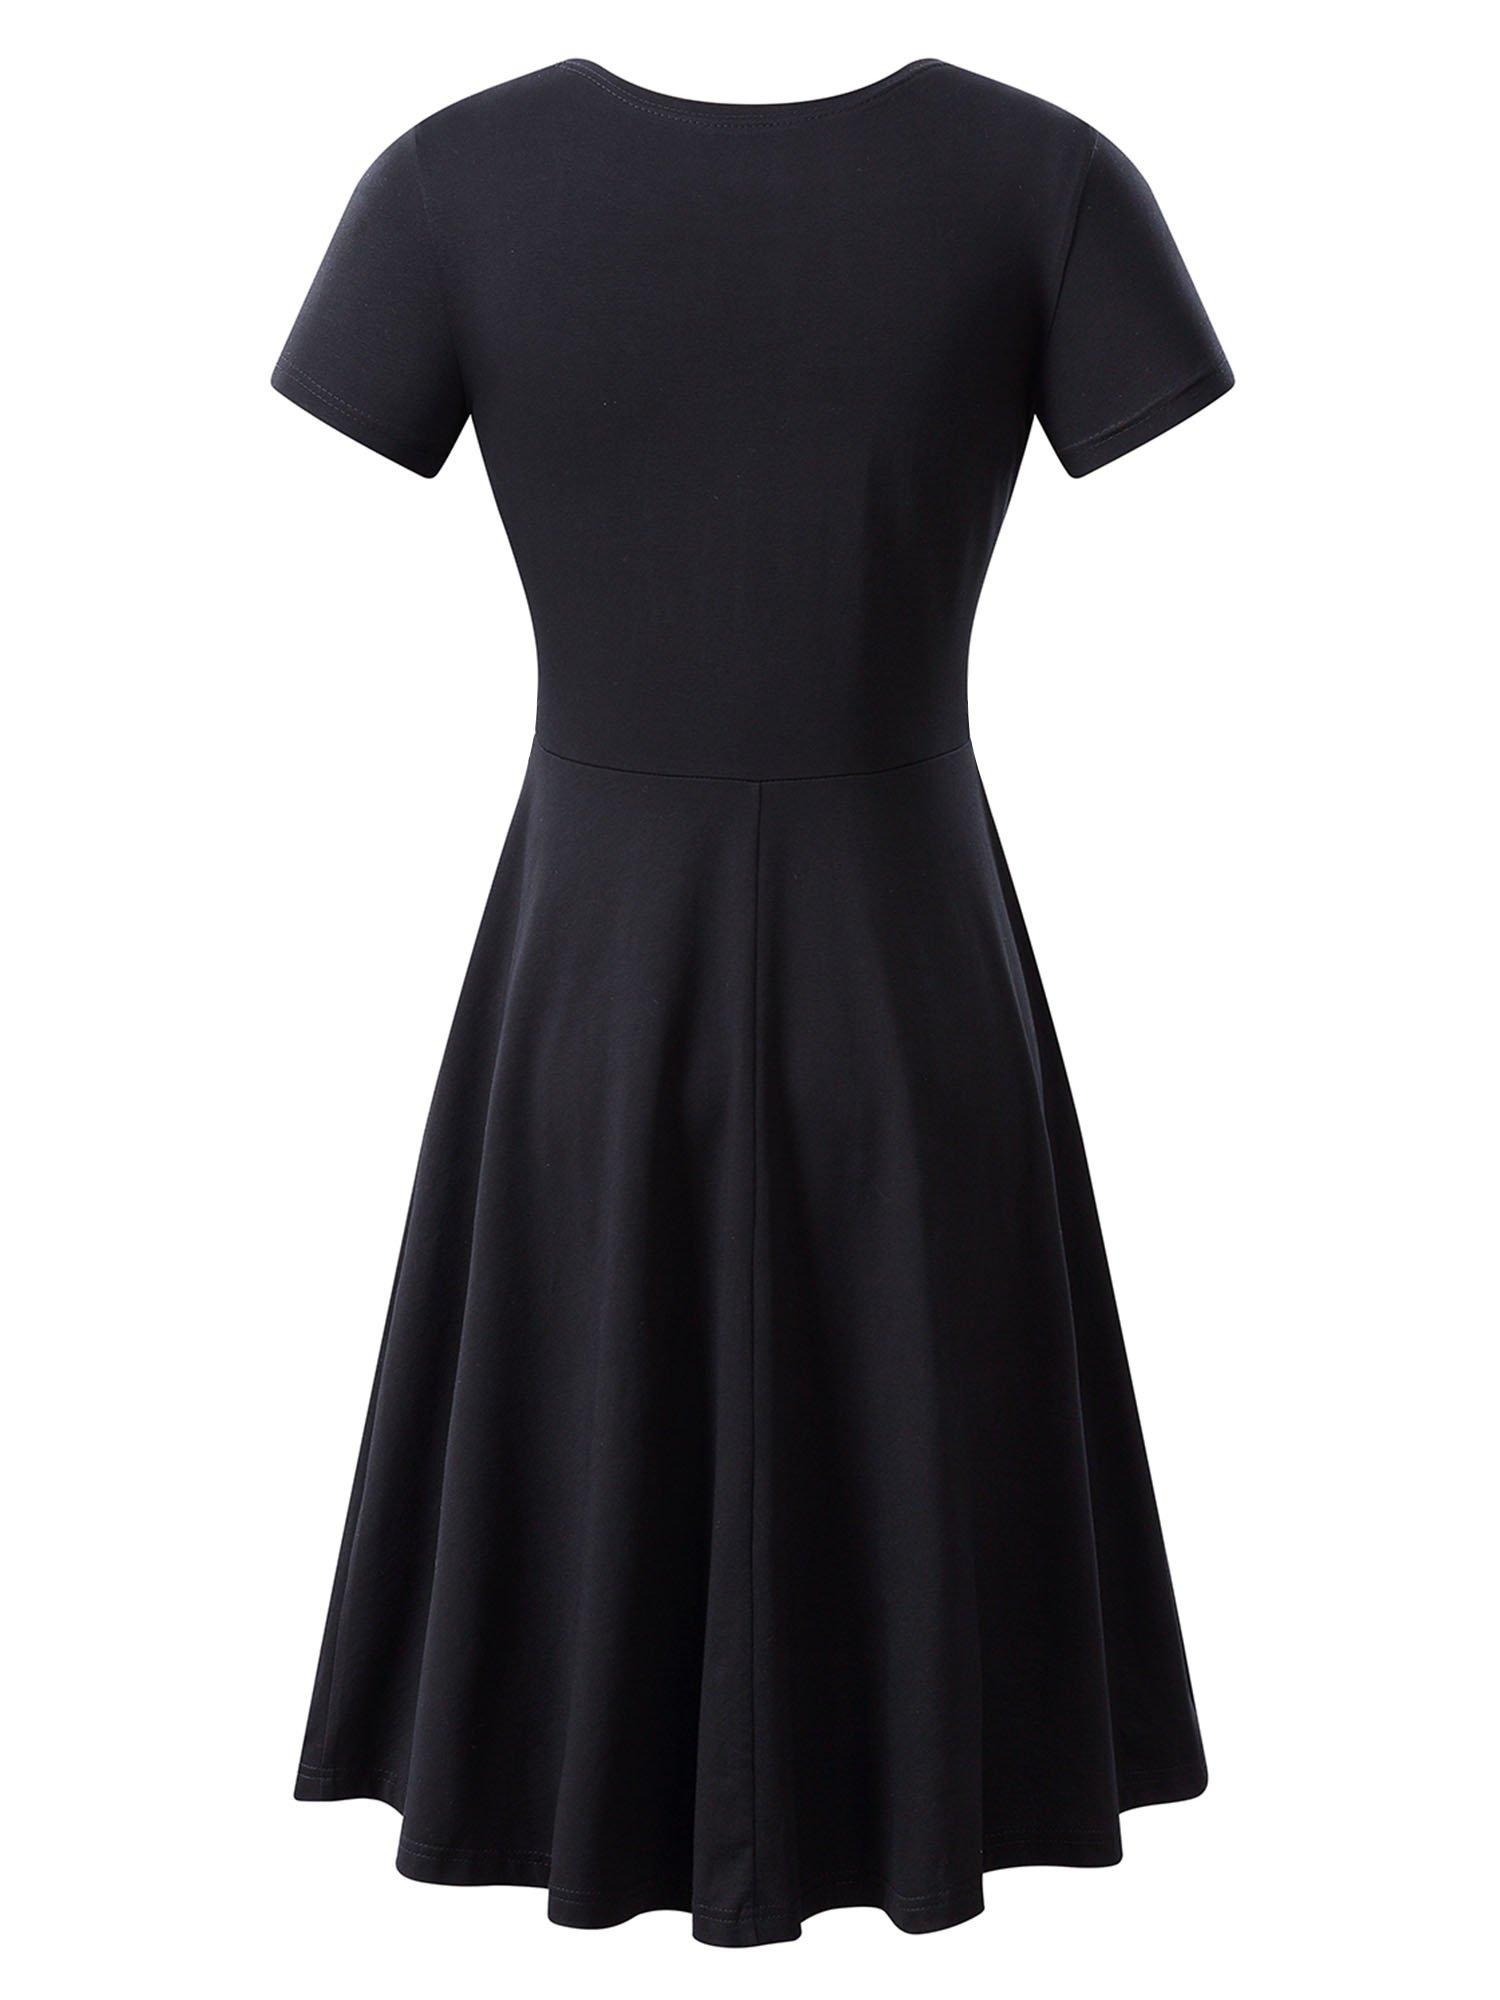 HUHOT Women Short Sleeve Round Neck Summer Casual Flared Midi Dress Large Black by HUHOT (Image #2)